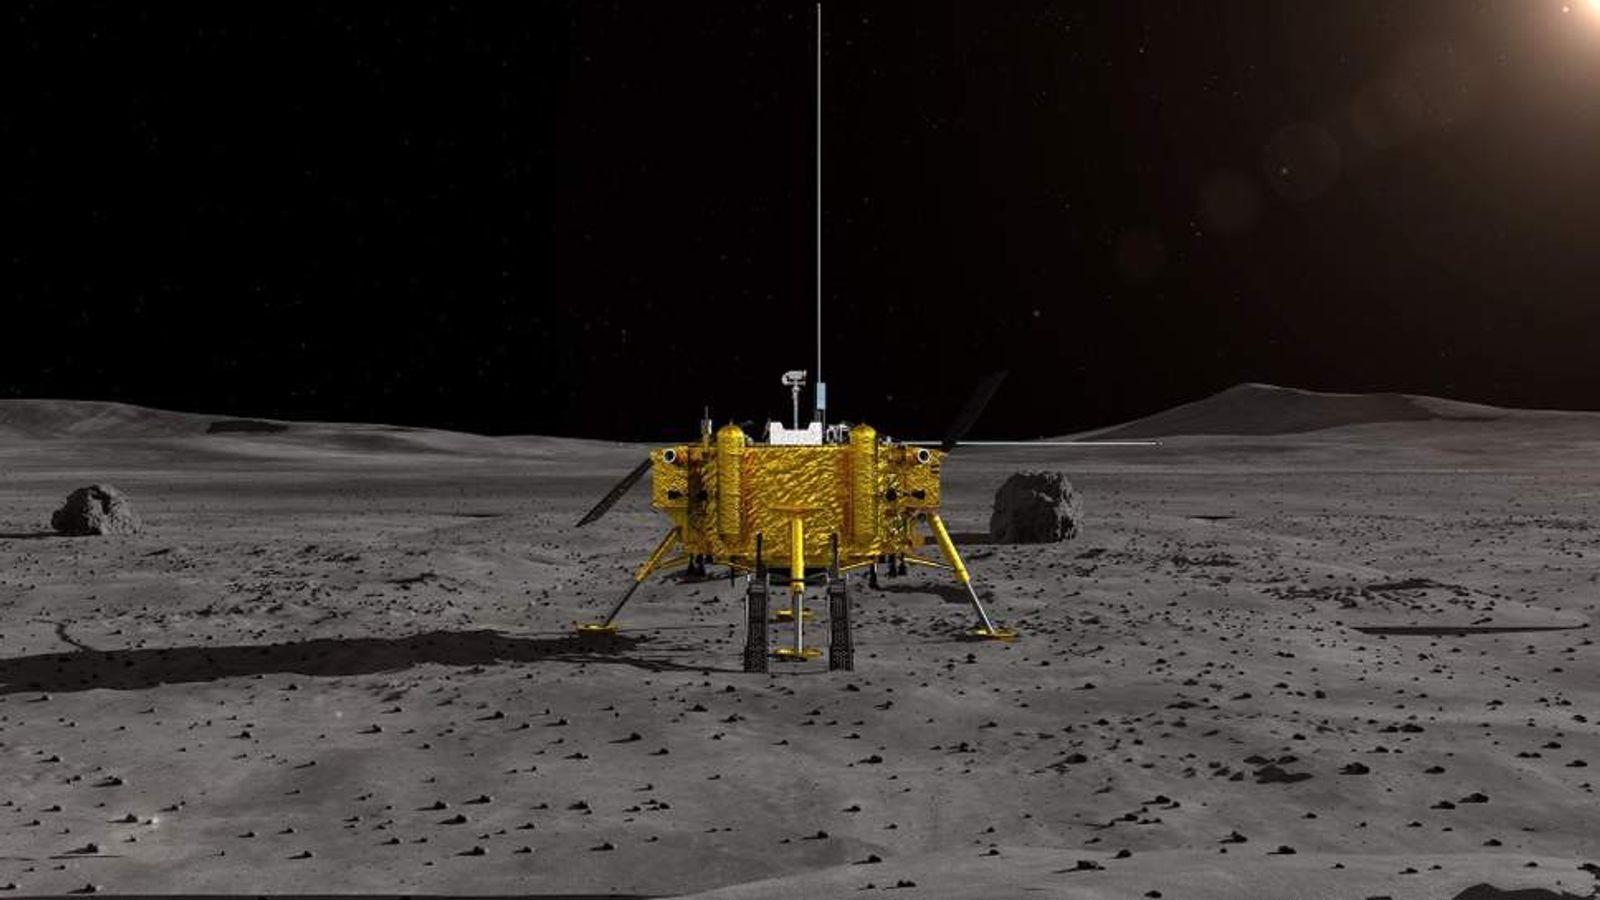 Diese Illustration der CSNA zeigt die chinesische Mondsonde Chang'e-4 – das erste Raumfahrzeug, das auf der ...